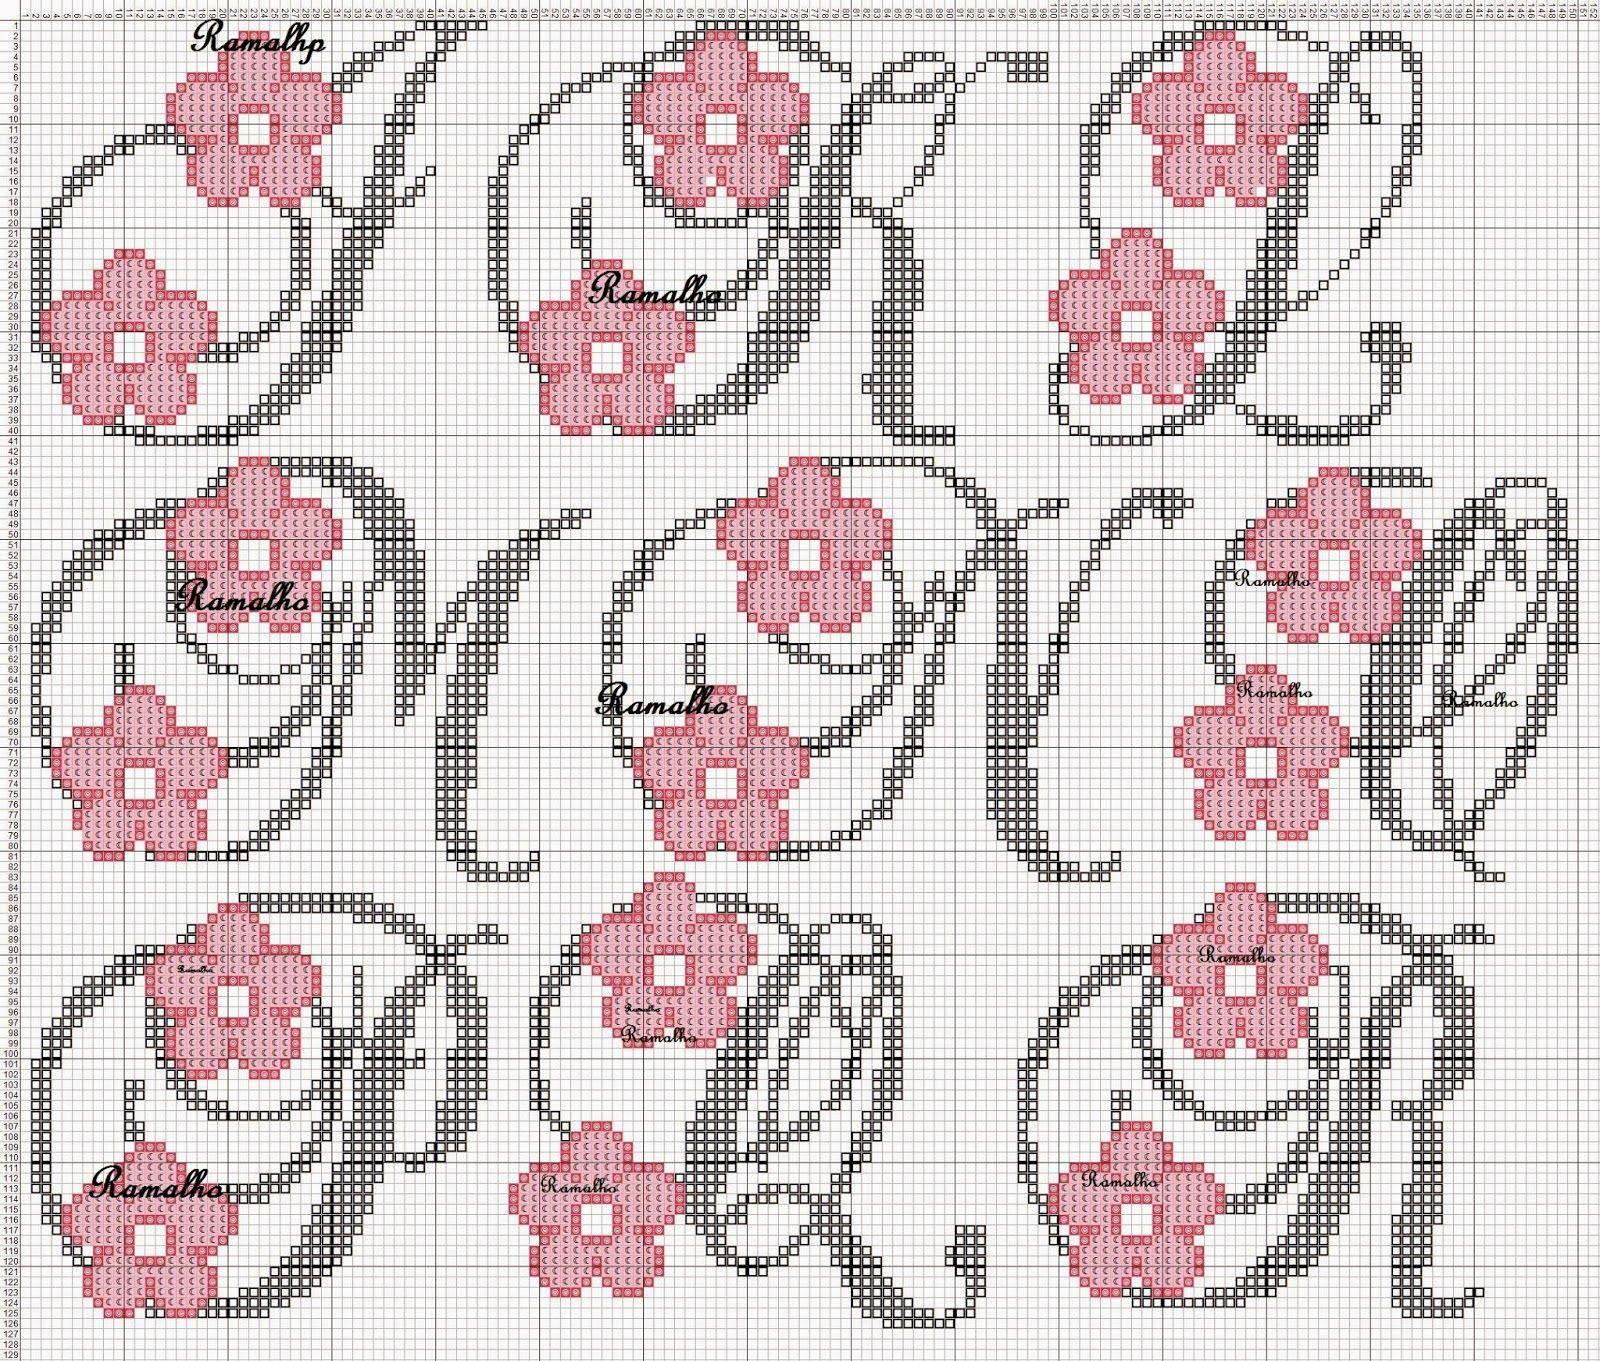 Ramalho C Rosa Ponto Cruz Monogramas Em Ponto Cruz Alfabeto